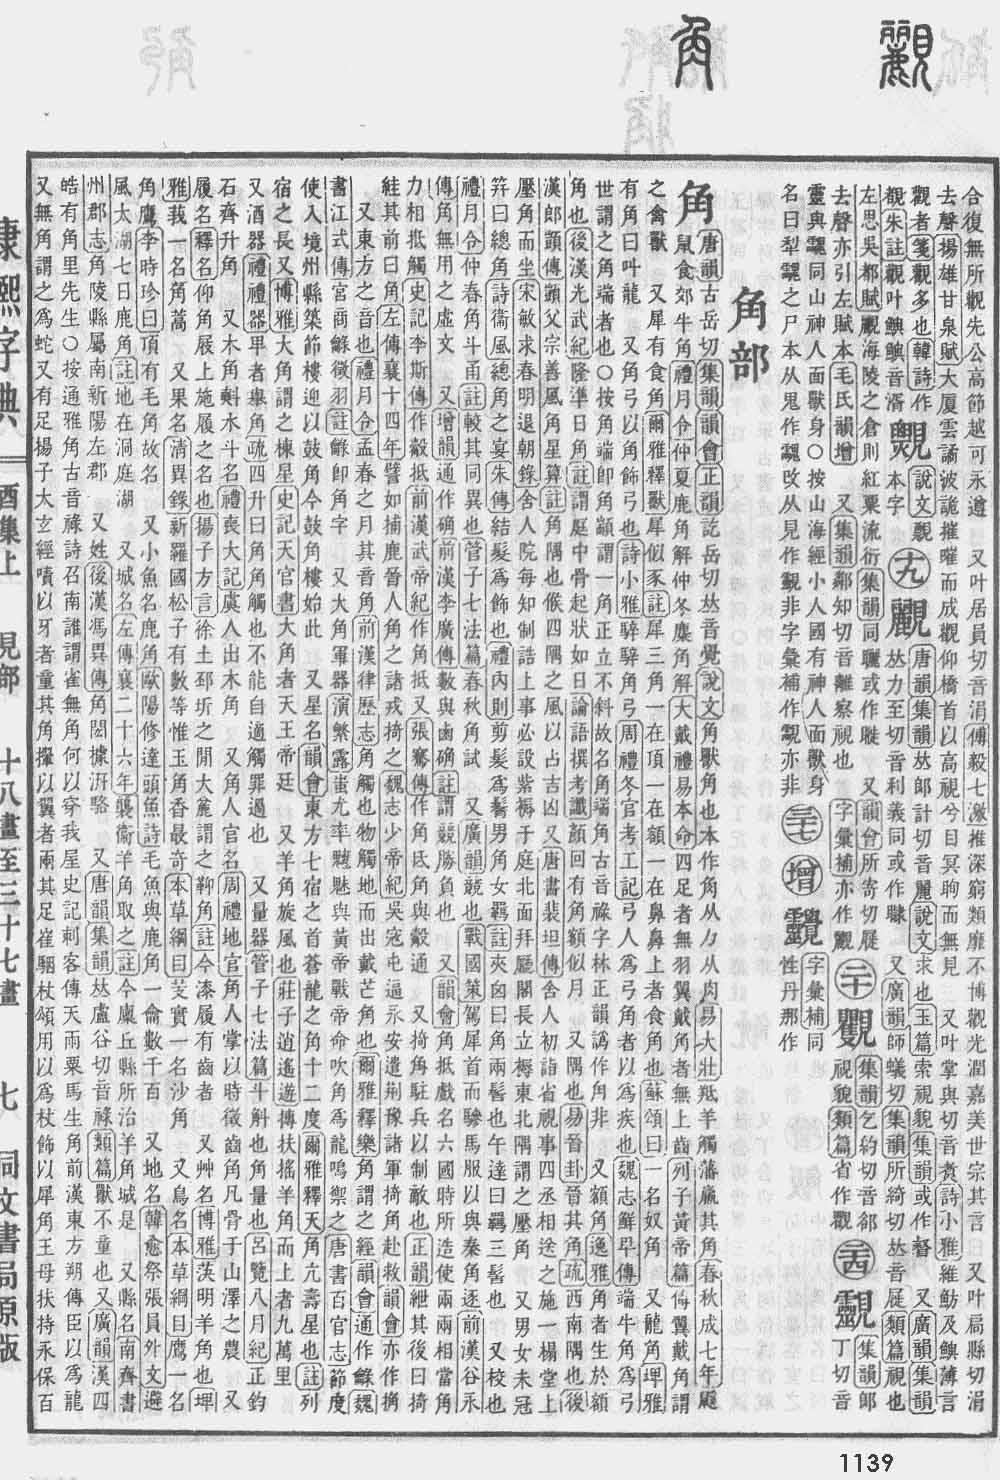 《康熙字典》第1139页